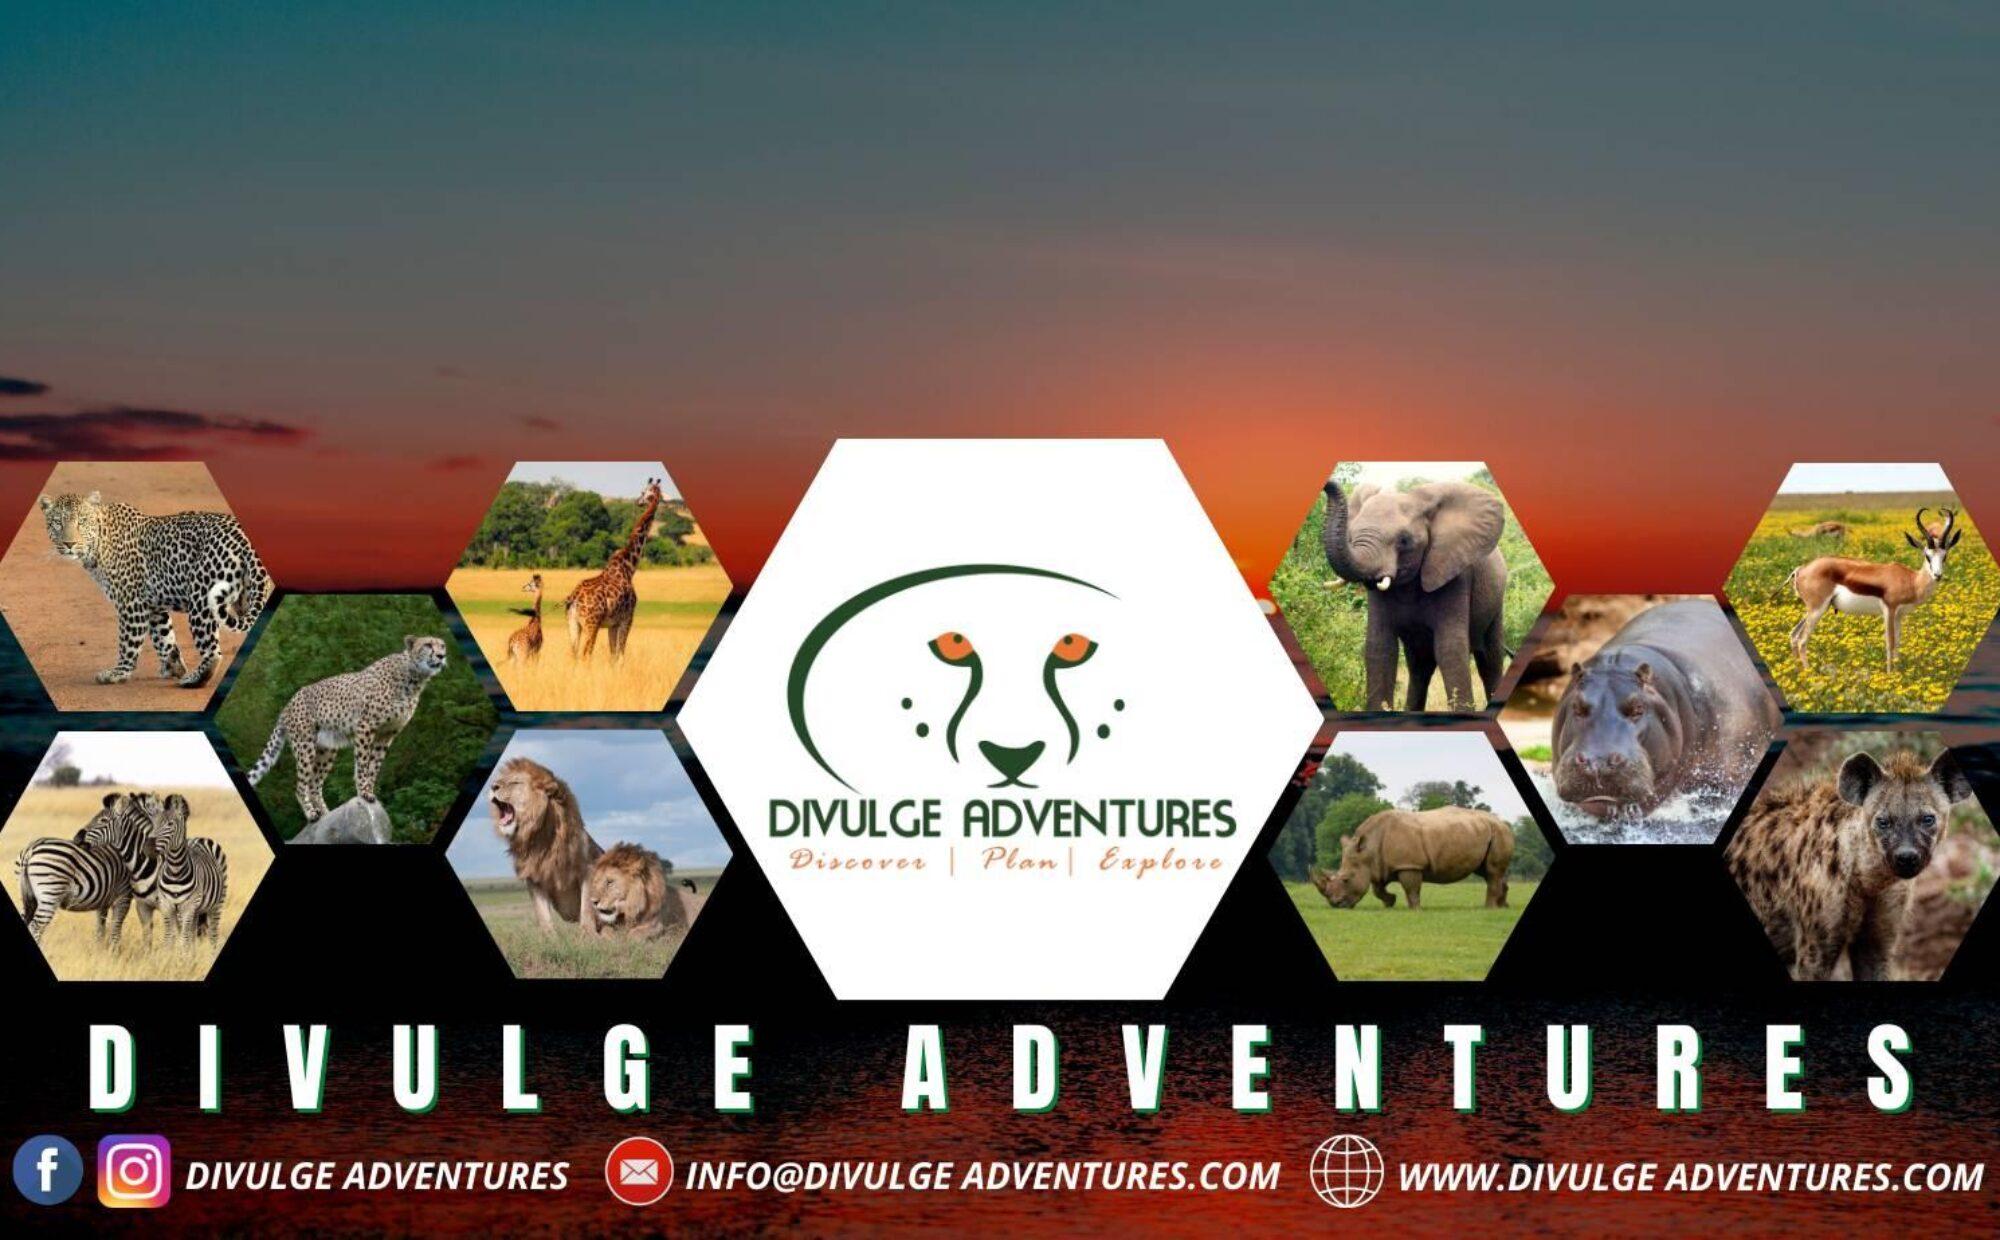 Divulge Adventures